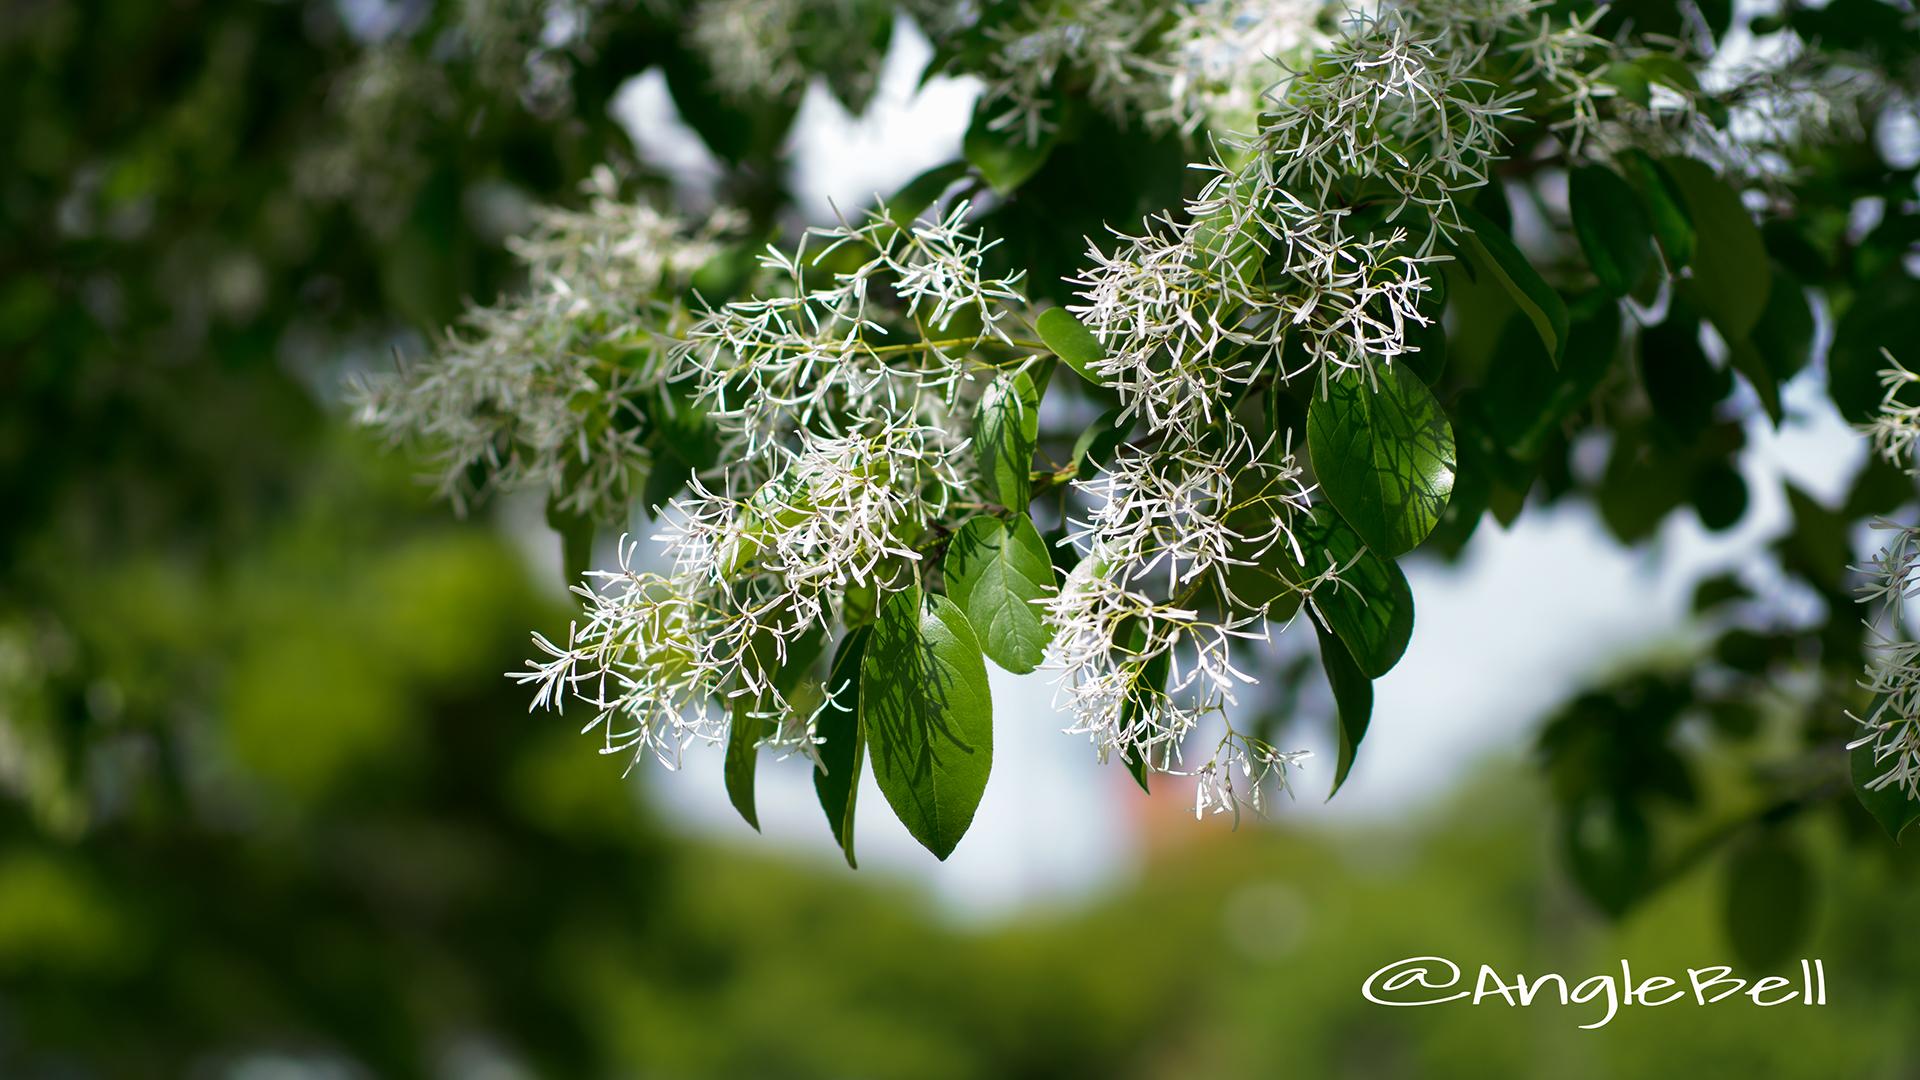 ヒトツバタゴ 一つ葉タゴ Flower Photo4